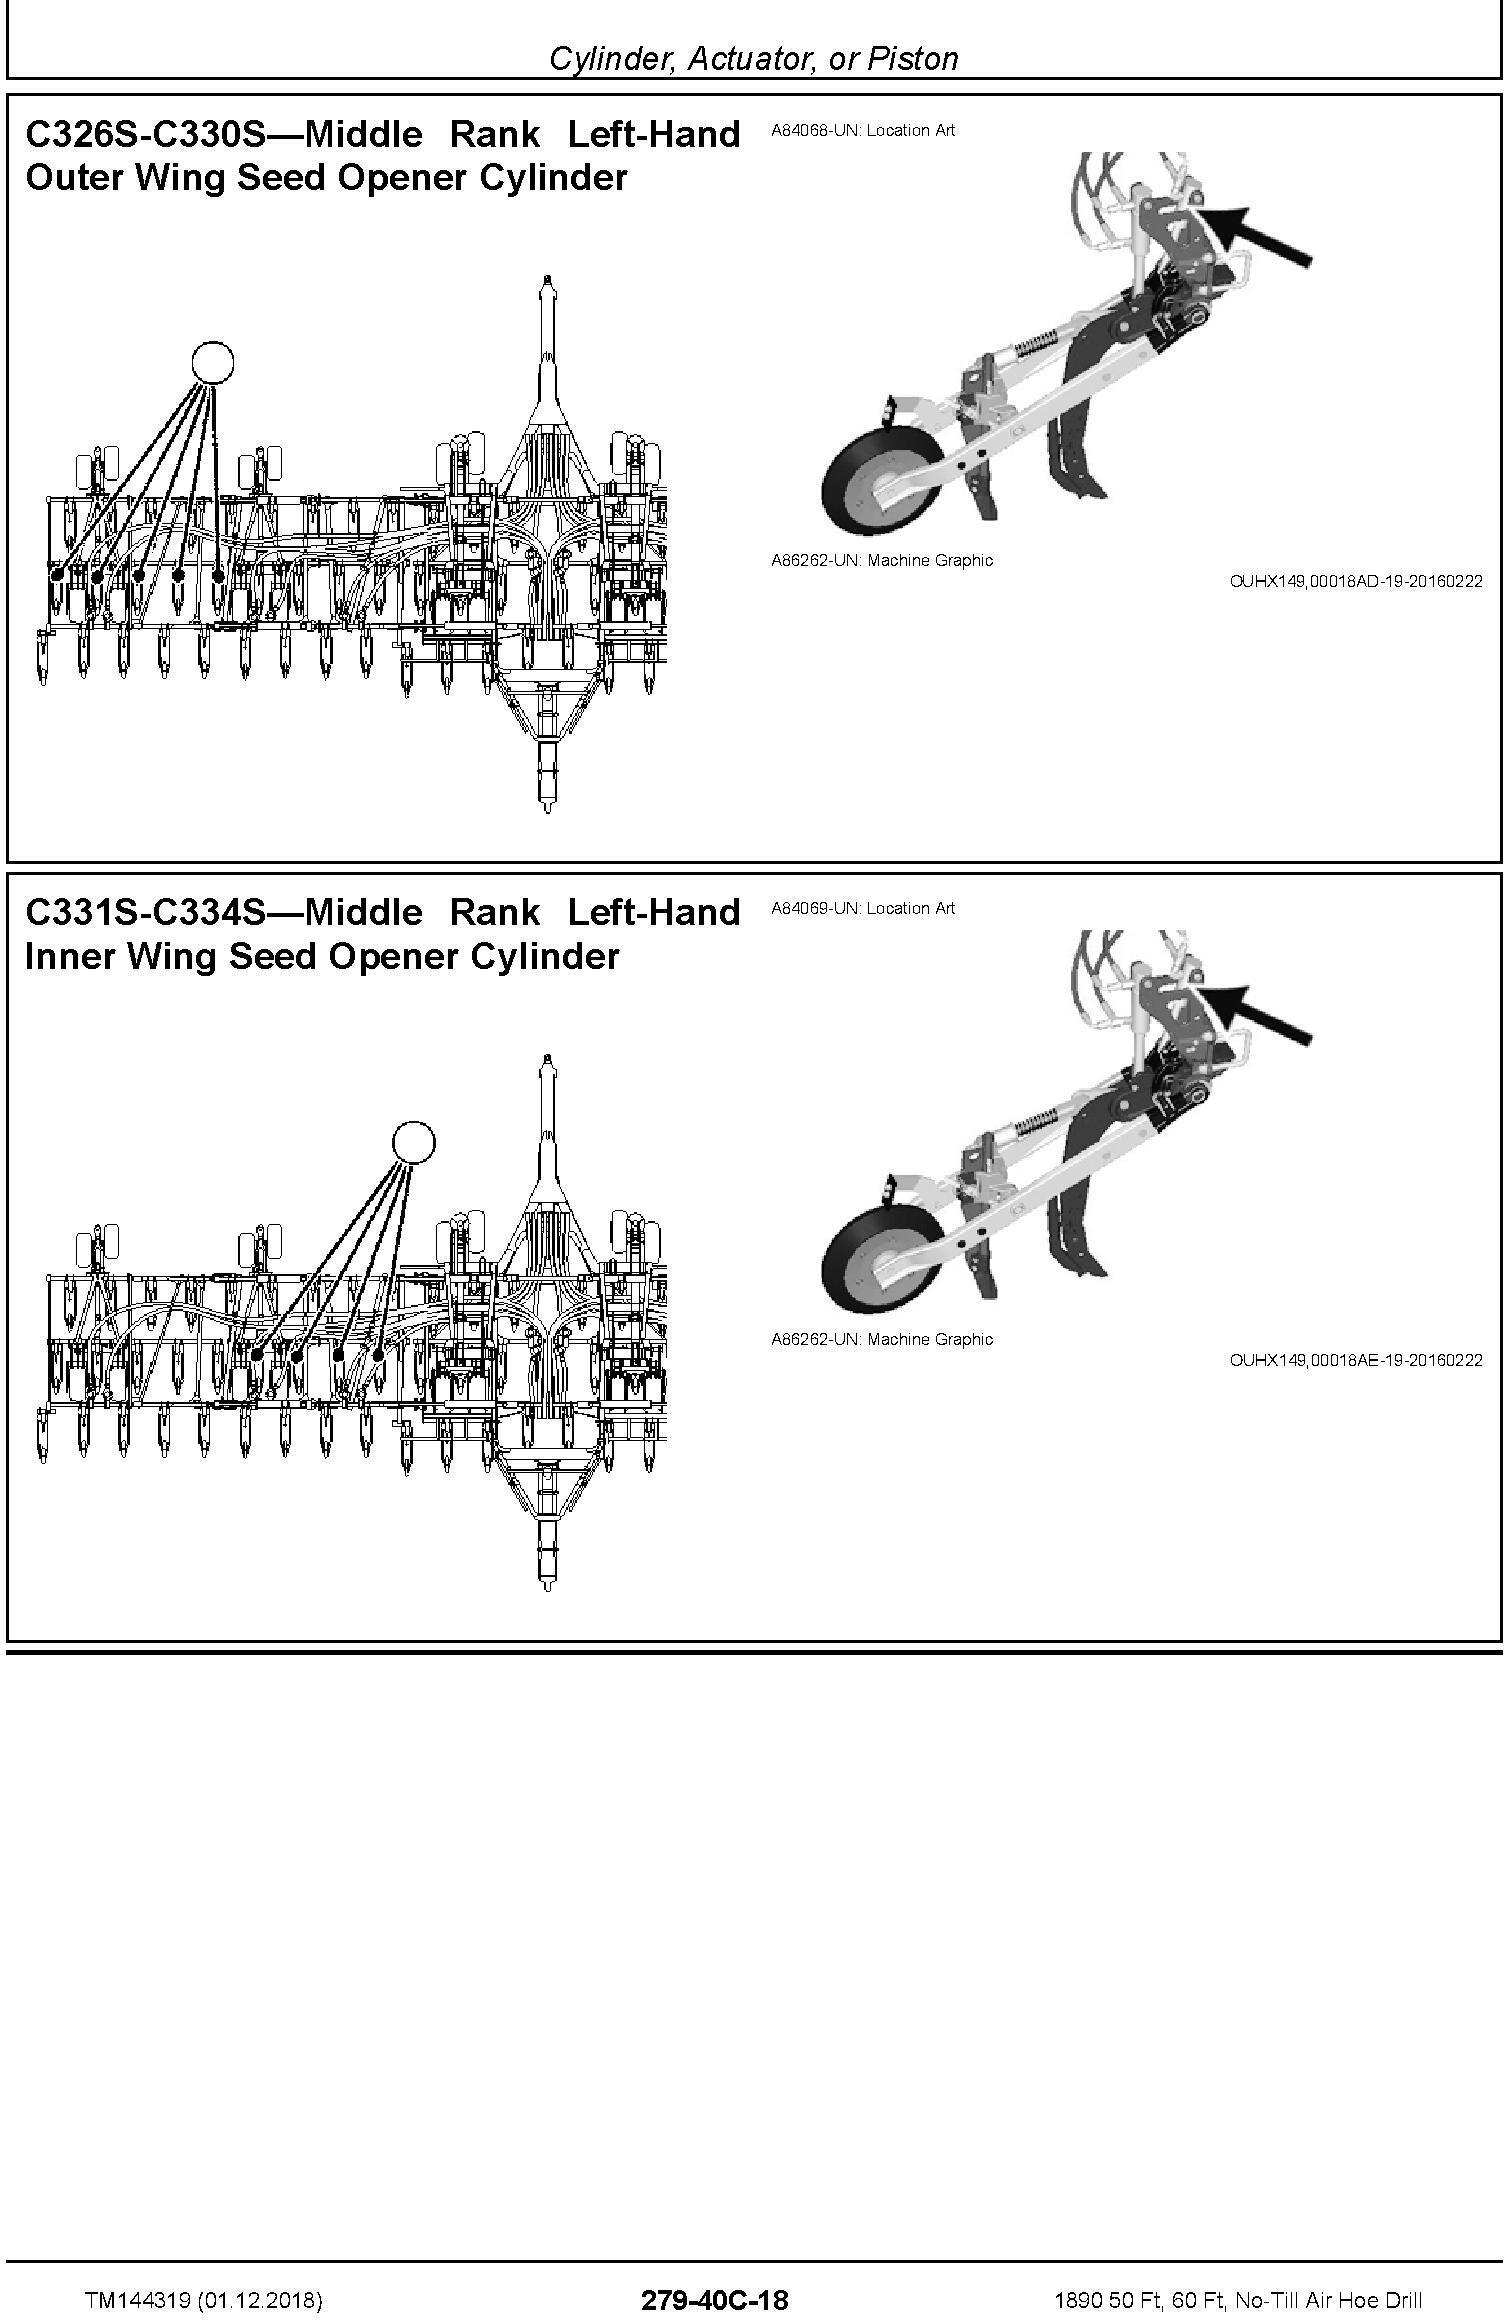 John Deere 1890 50 Ft, 60 Ft, No-Till Air Hoe Drill Diagnostic Technical Service Manual (TM144319) - 3